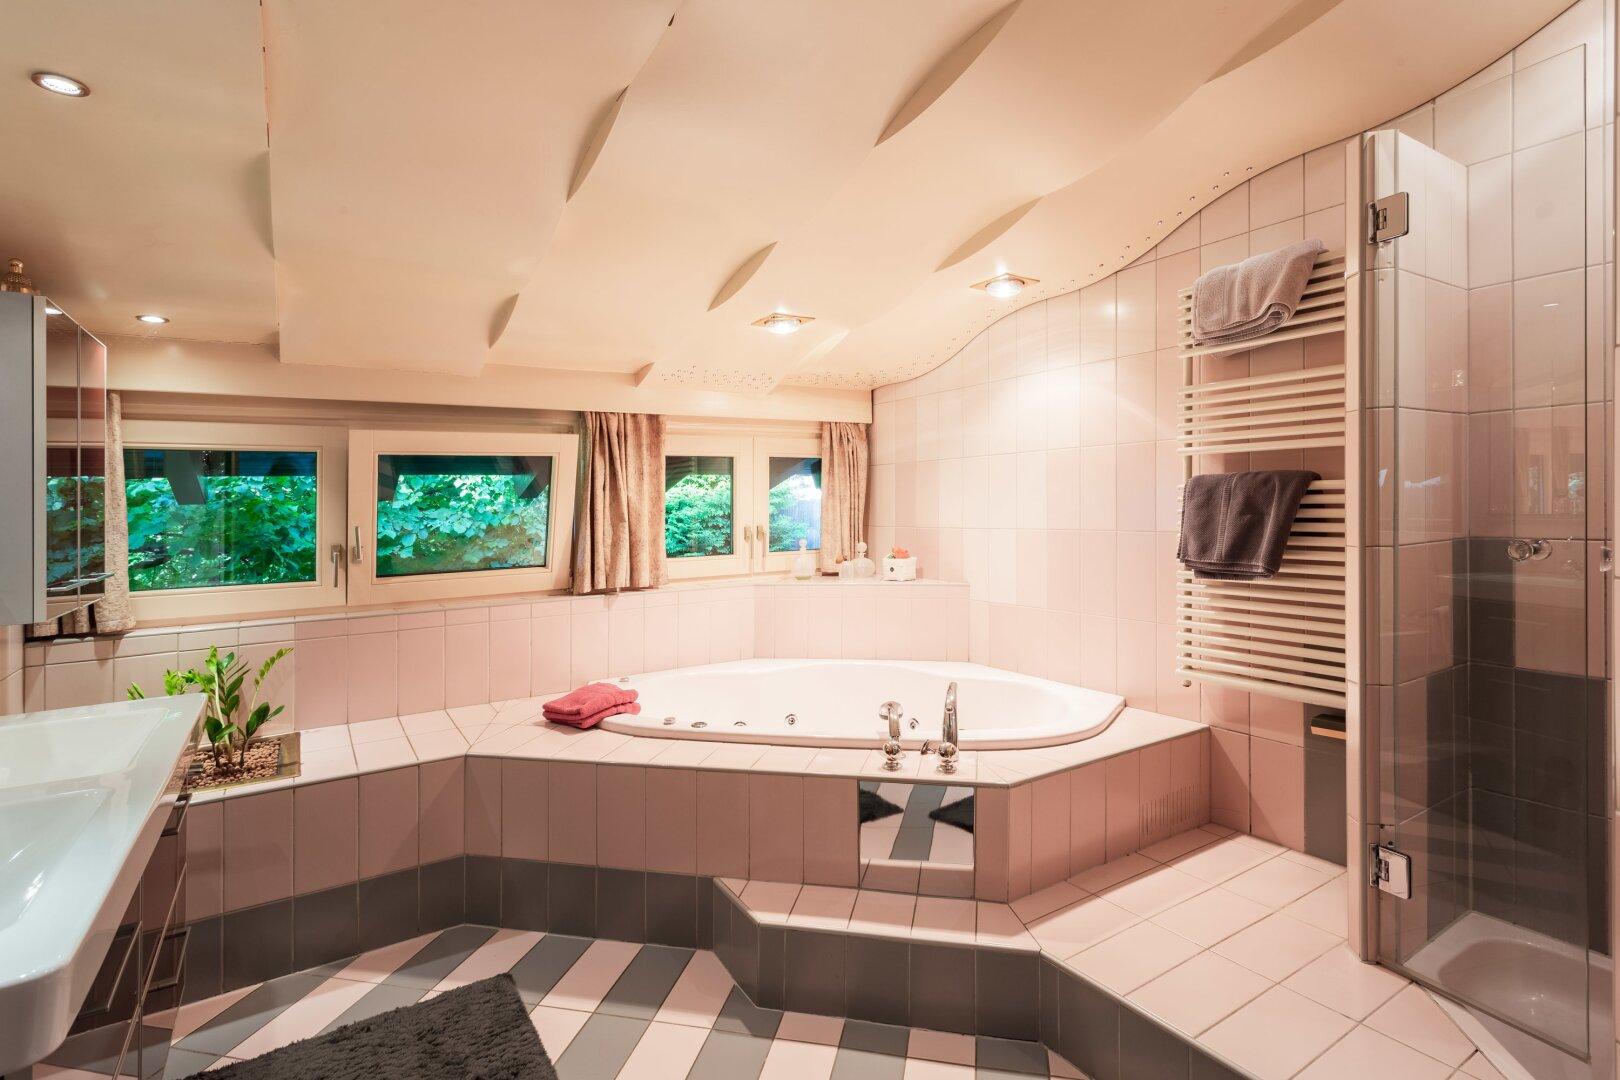 Badezimmer Eckbadewanne